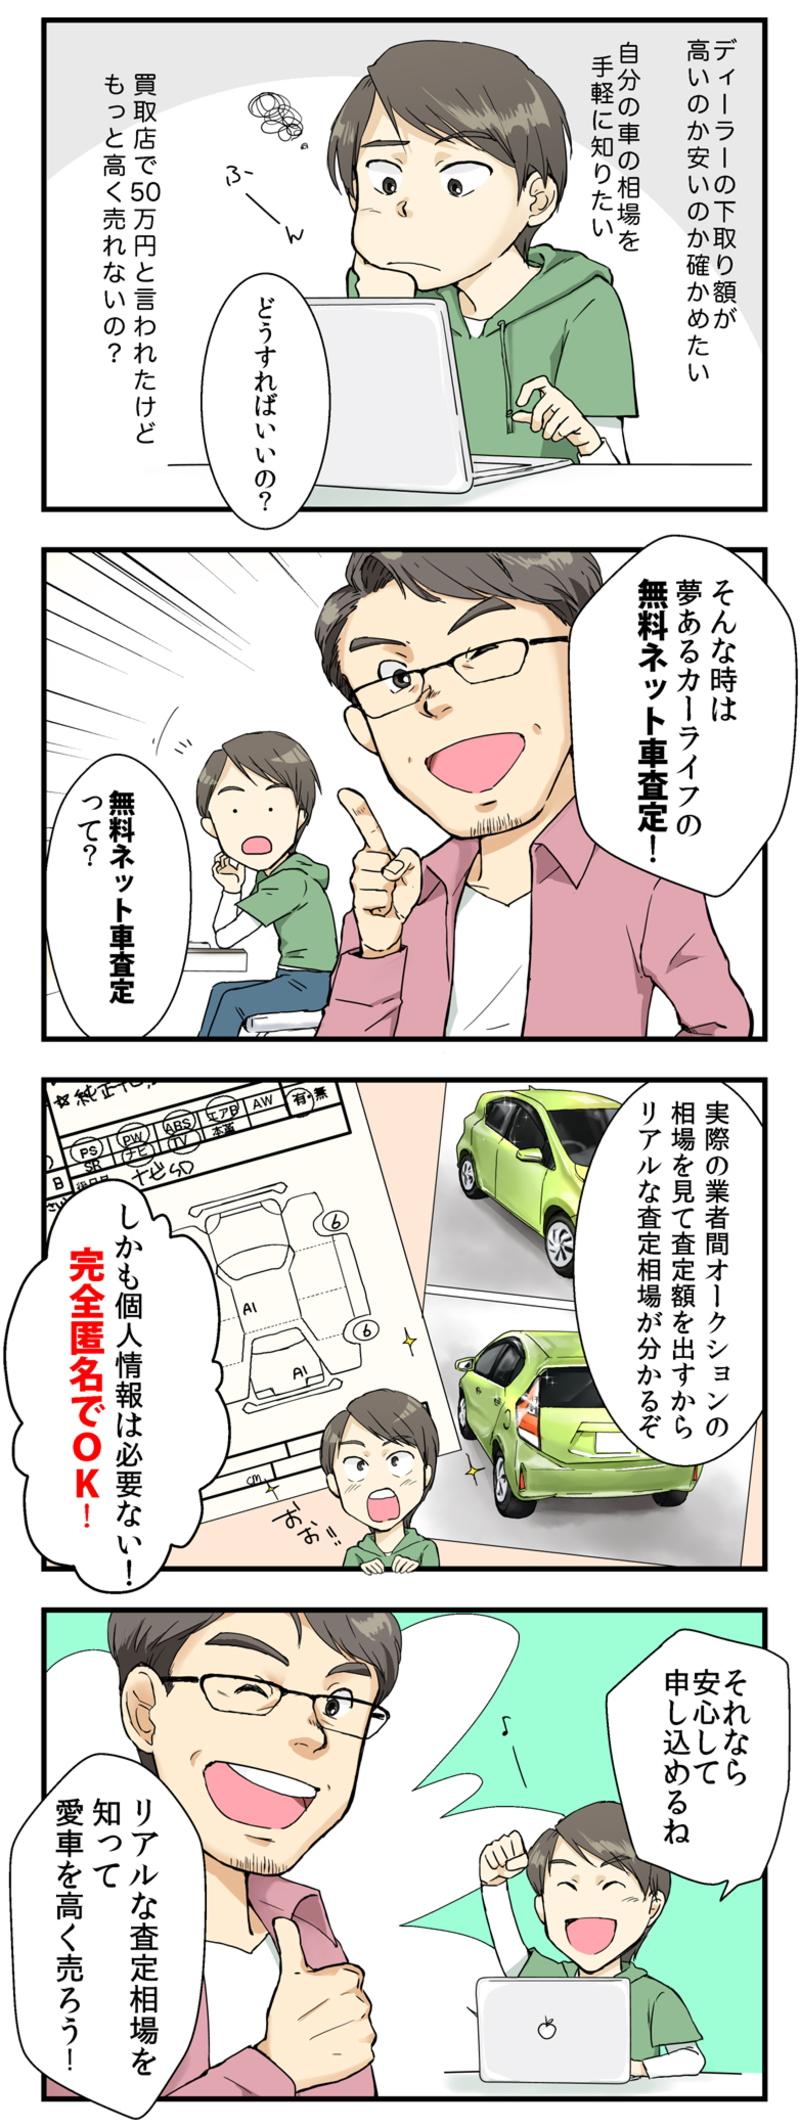 夢あるカーライフの無料ネット車査定